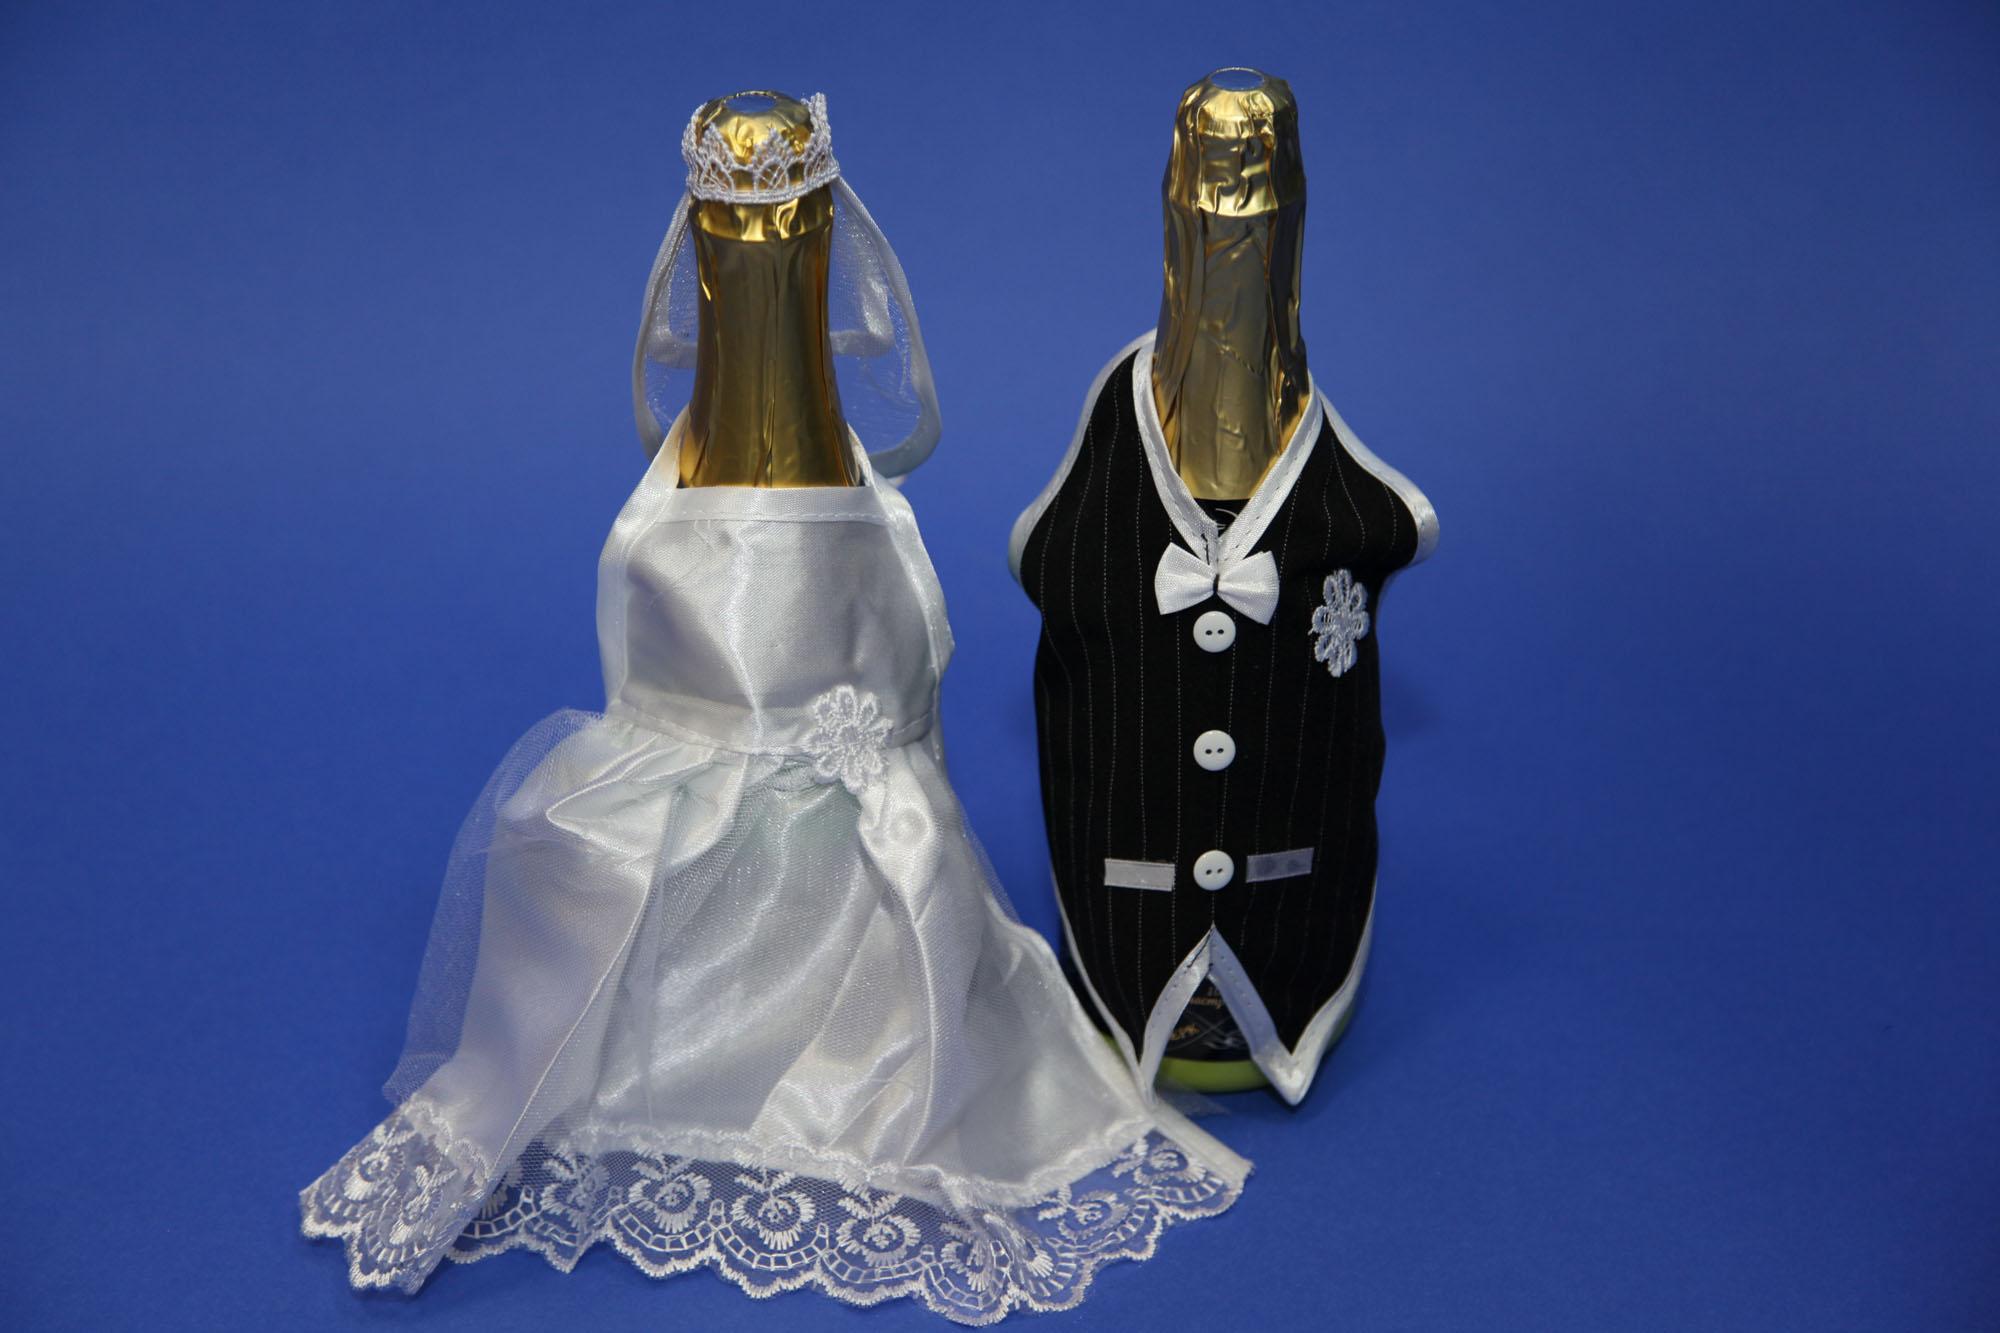 Костюм на бутылки шампанского своими руками 85